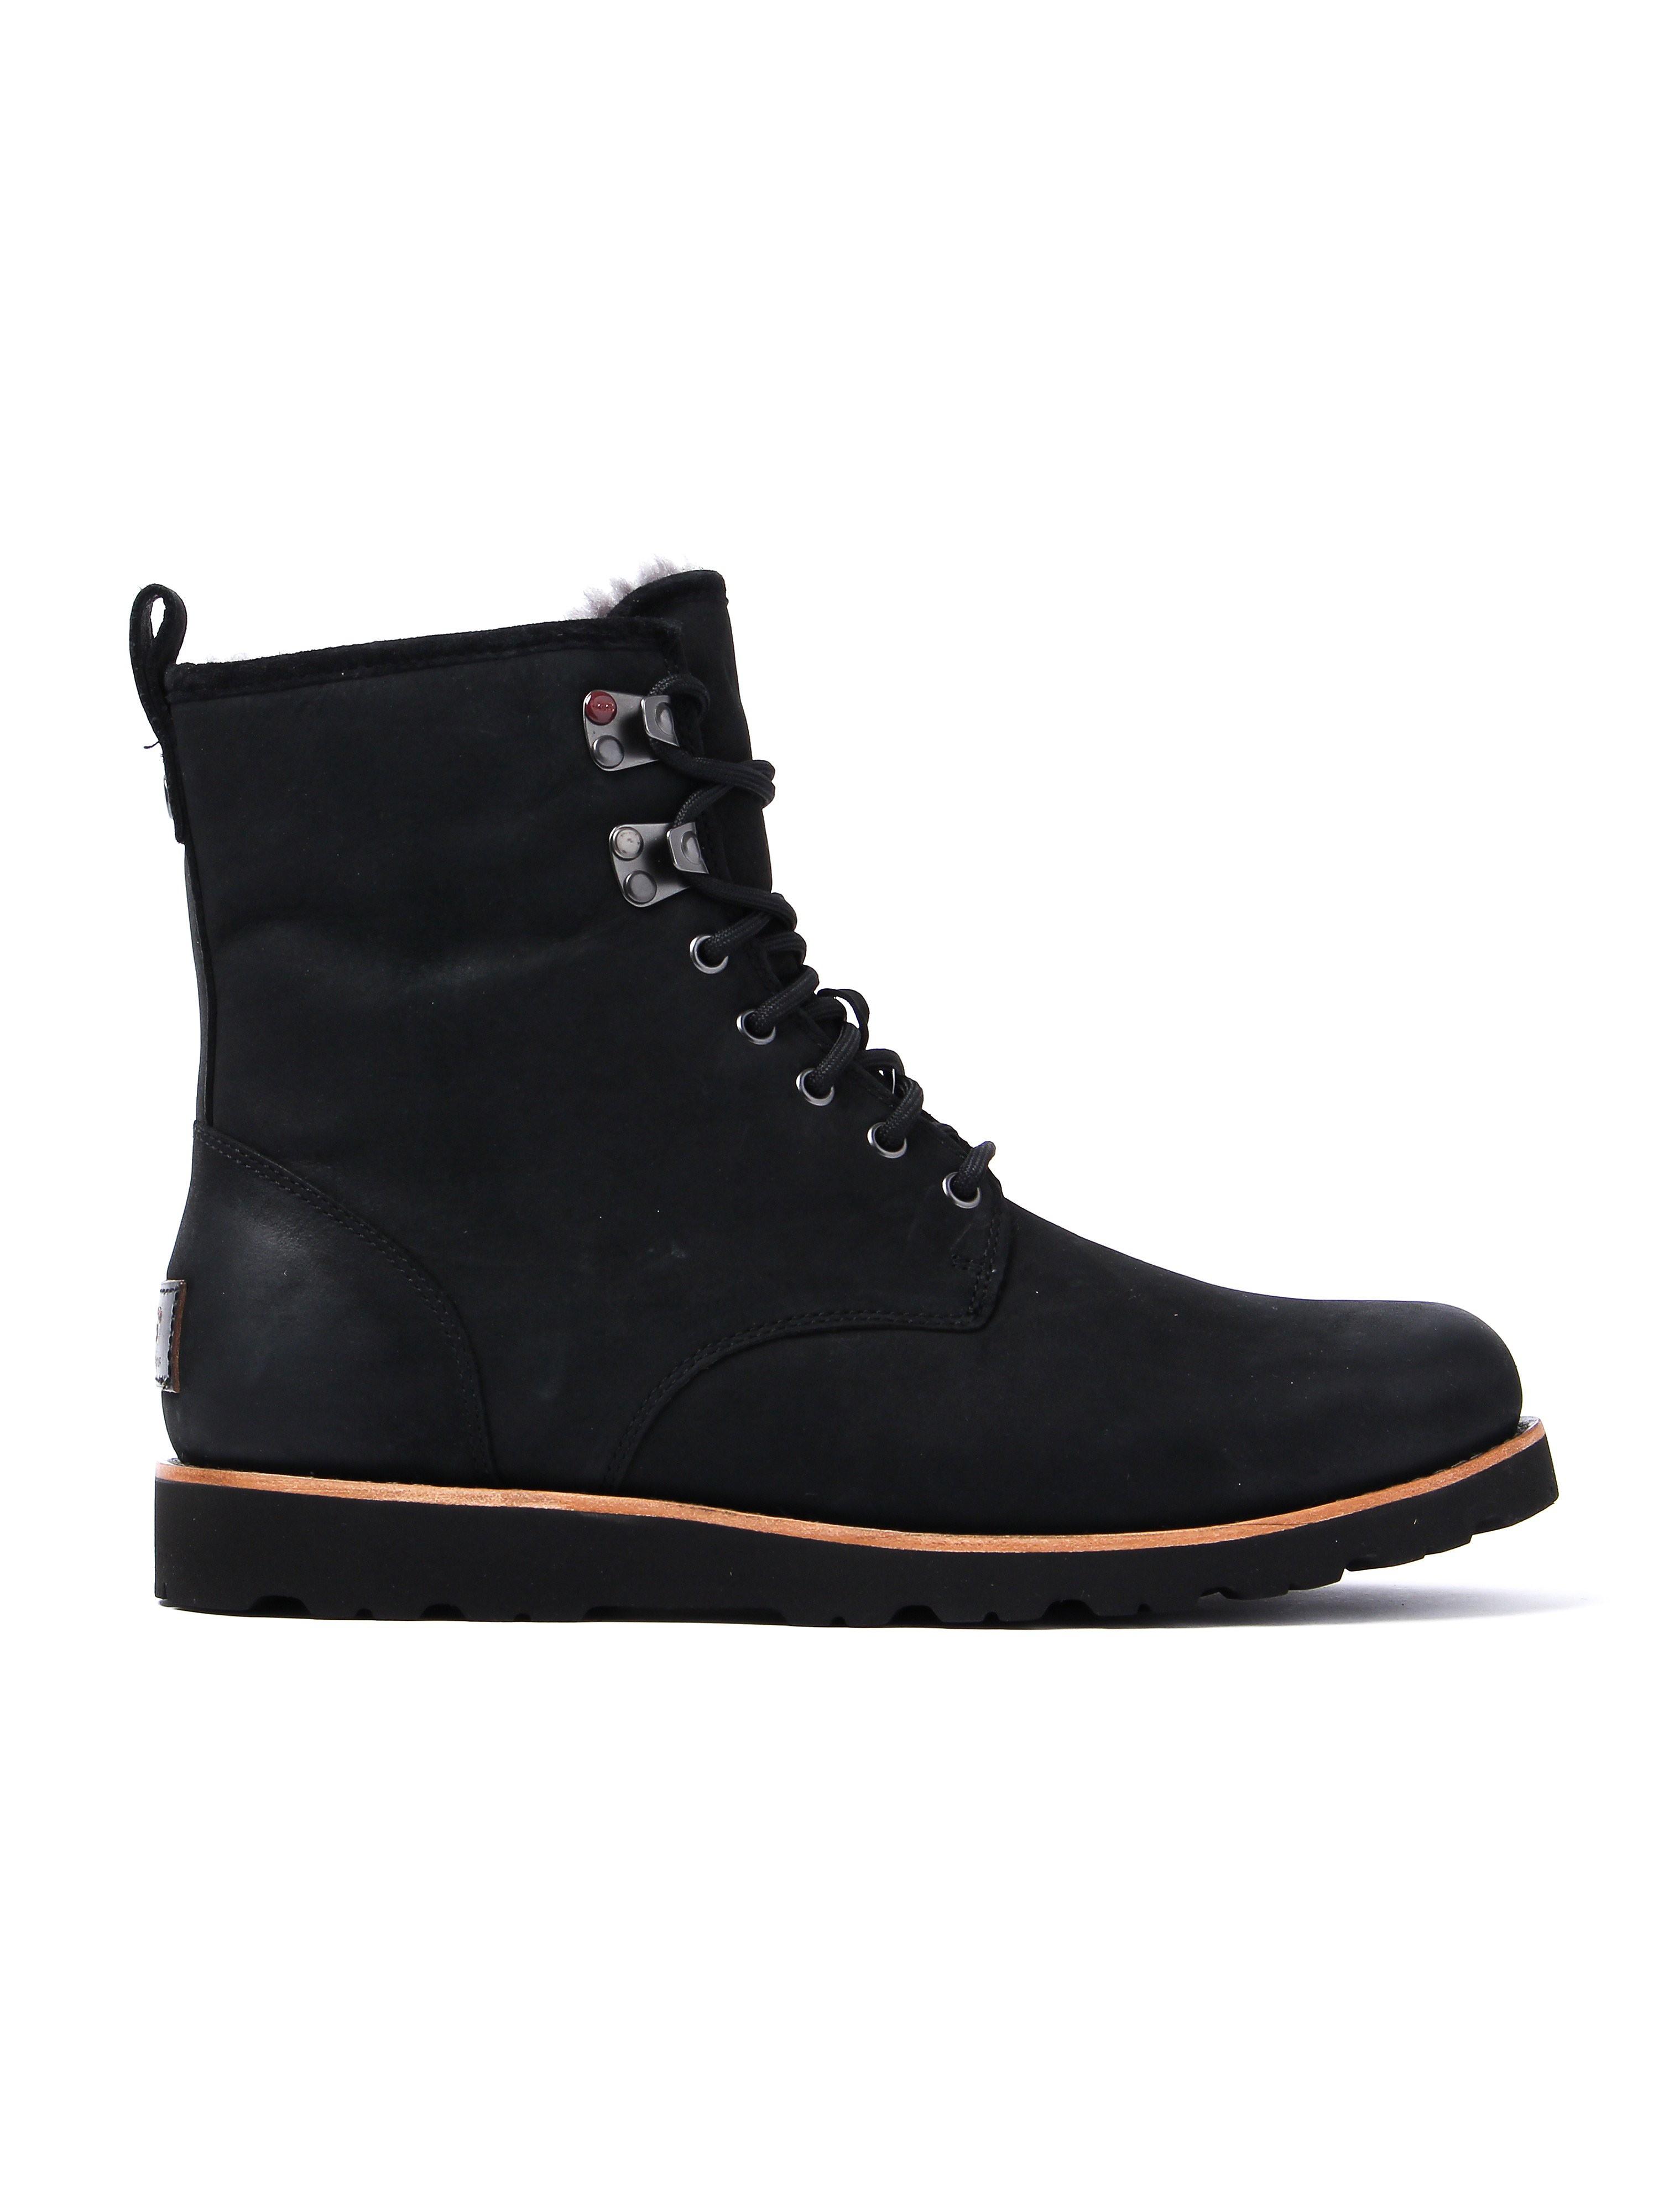 UGG Men's Hannen Walking Boots  - Black Suede